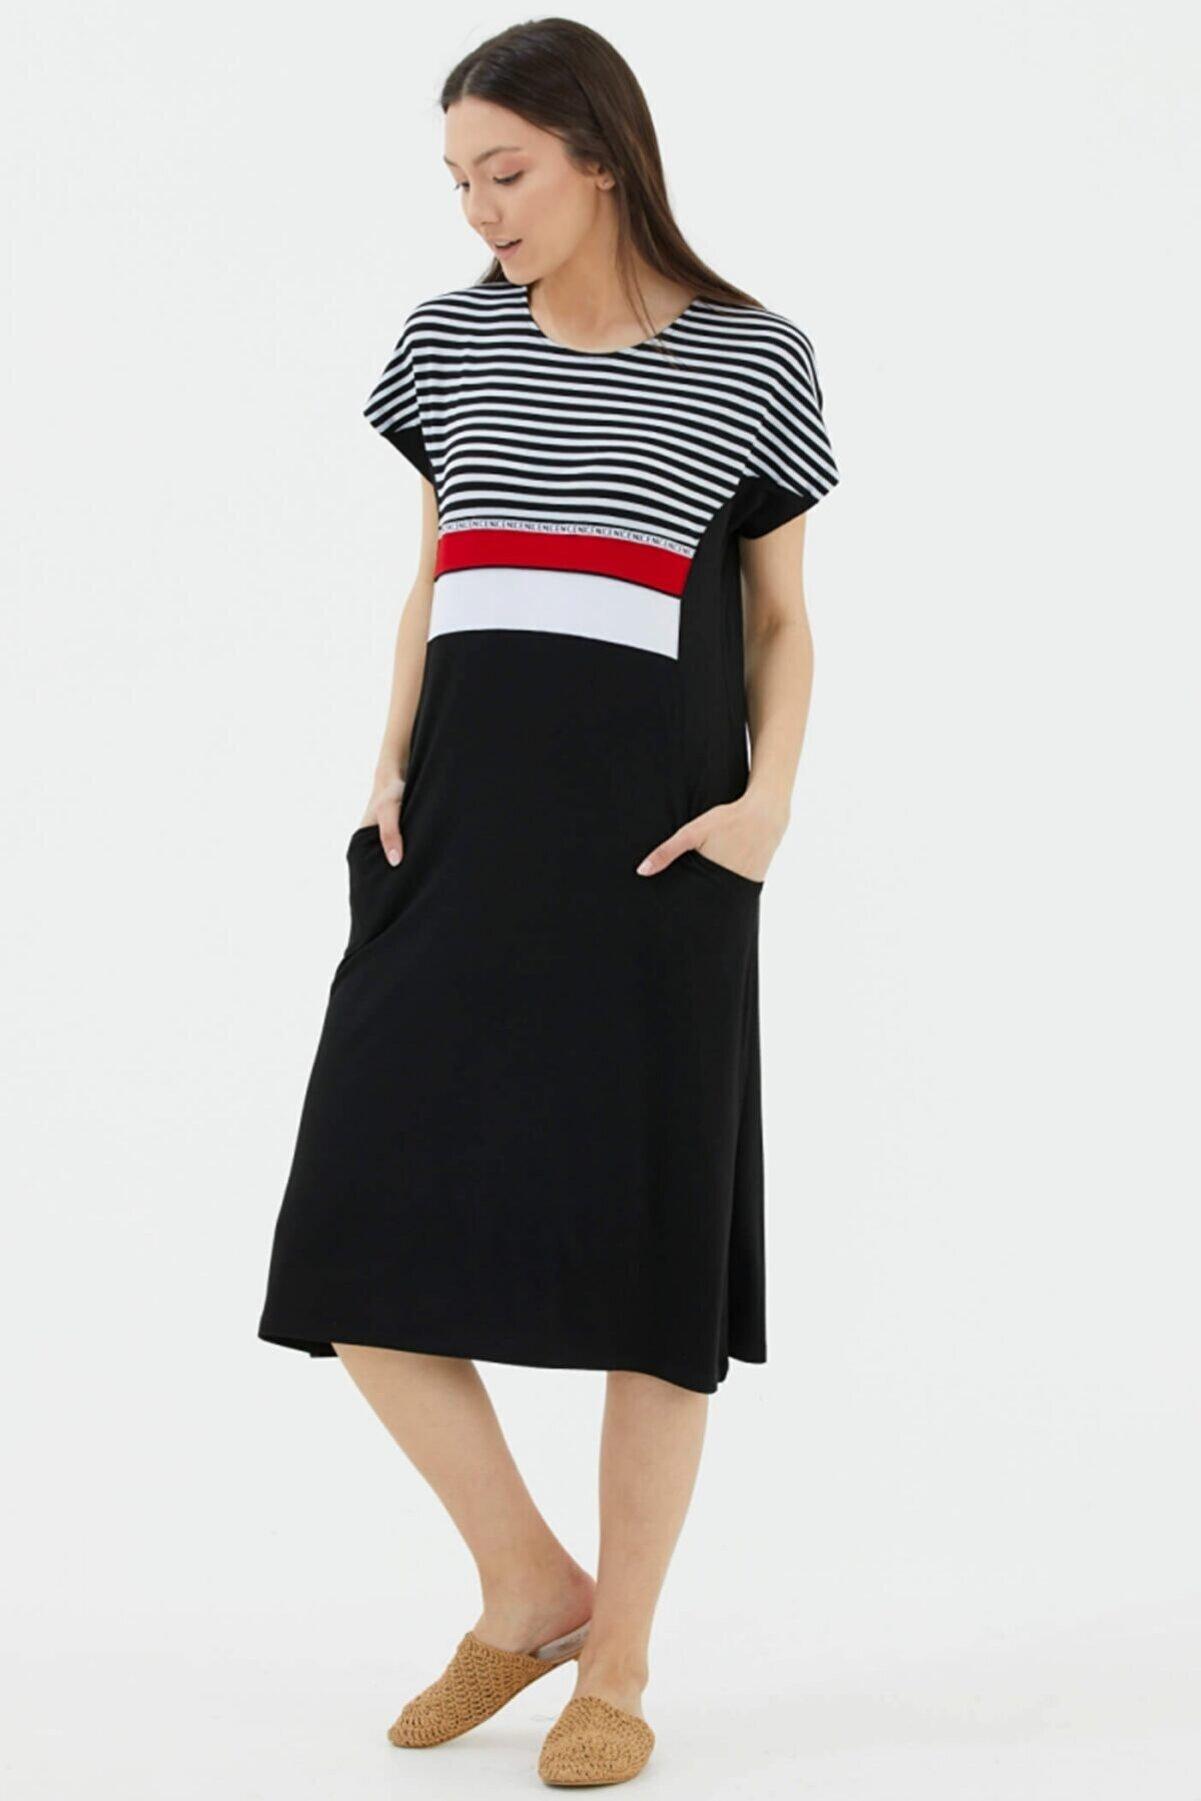 Sementa Kadın Siyah Çizgi Kombinli Cepli Elbise